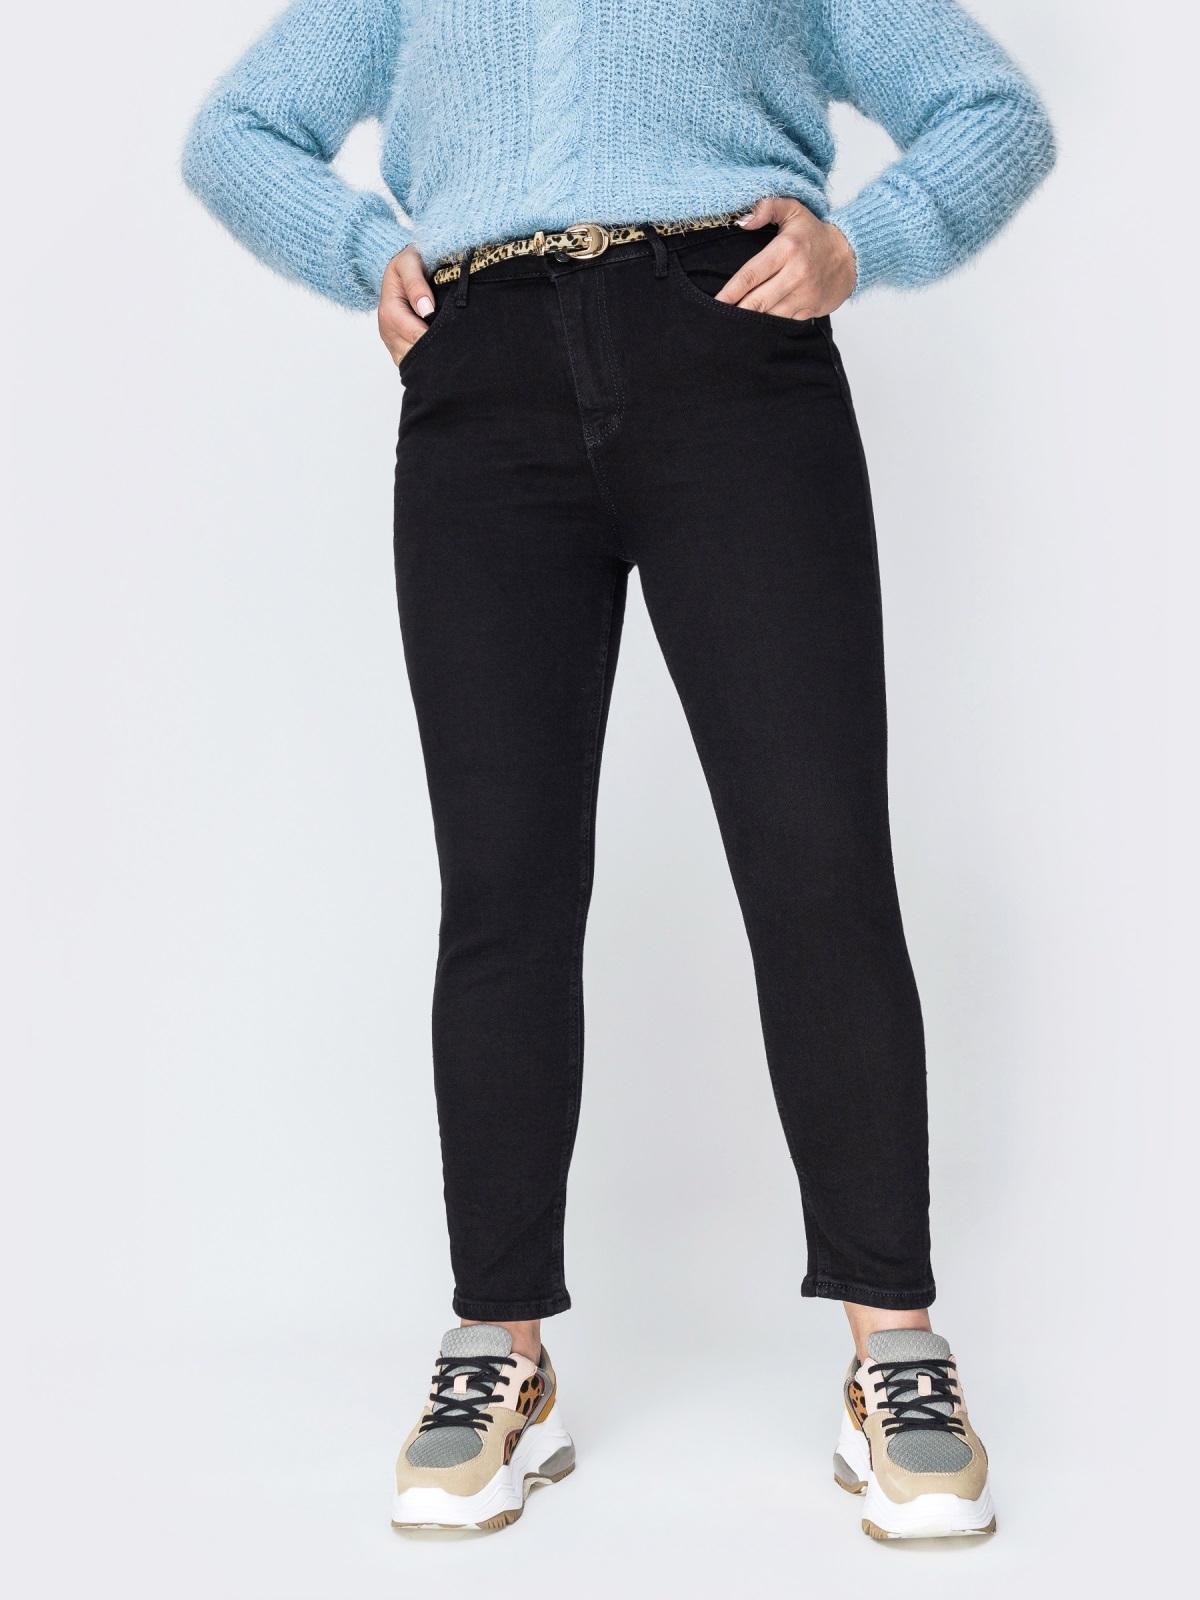 Осенние джинсы чёрного цвета с завышенной талией - 42453, фото 1 – интернет-магазин Dressa